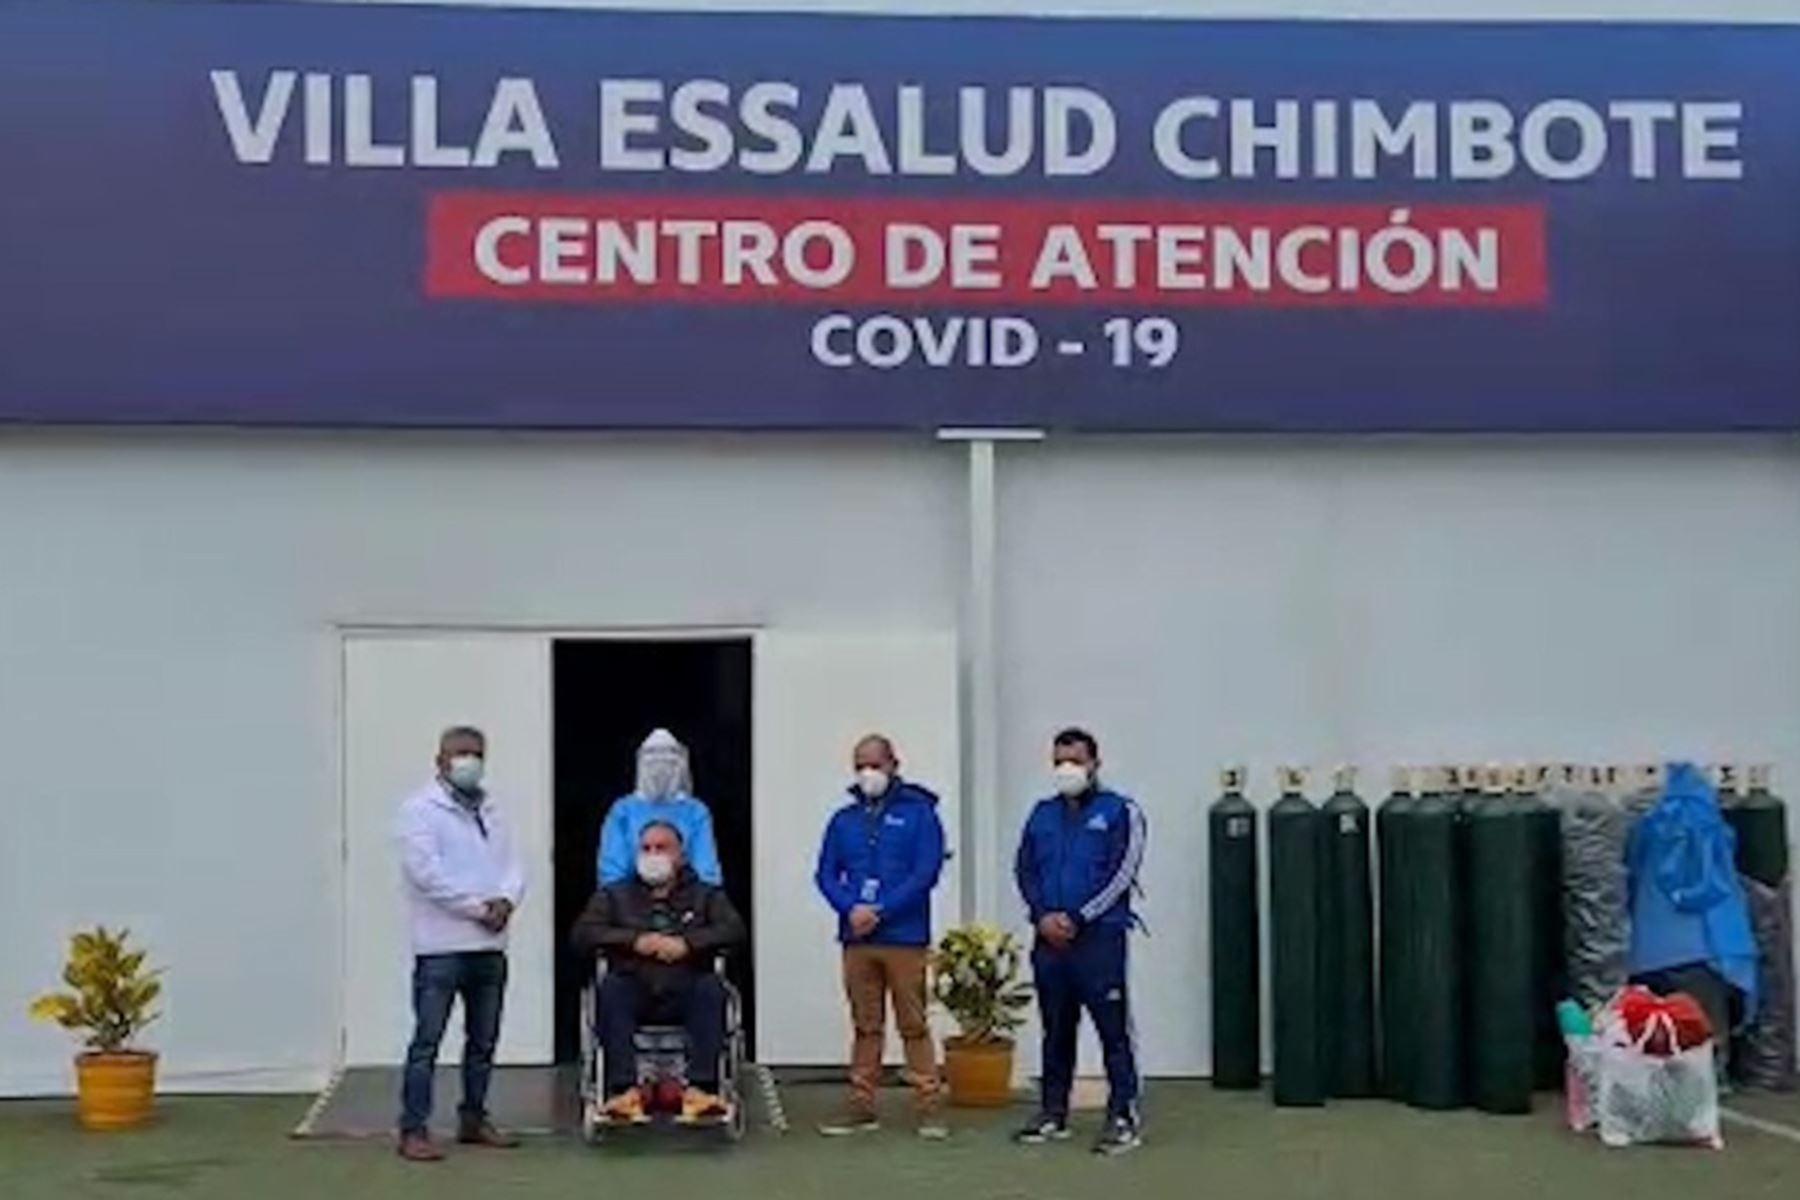 La Villa EsSalud Chimbote, en la región Áncash, ya cuenta con 164 historias de éxito en su lucha contra el covid-19. Foto: ANDINA/Difusión